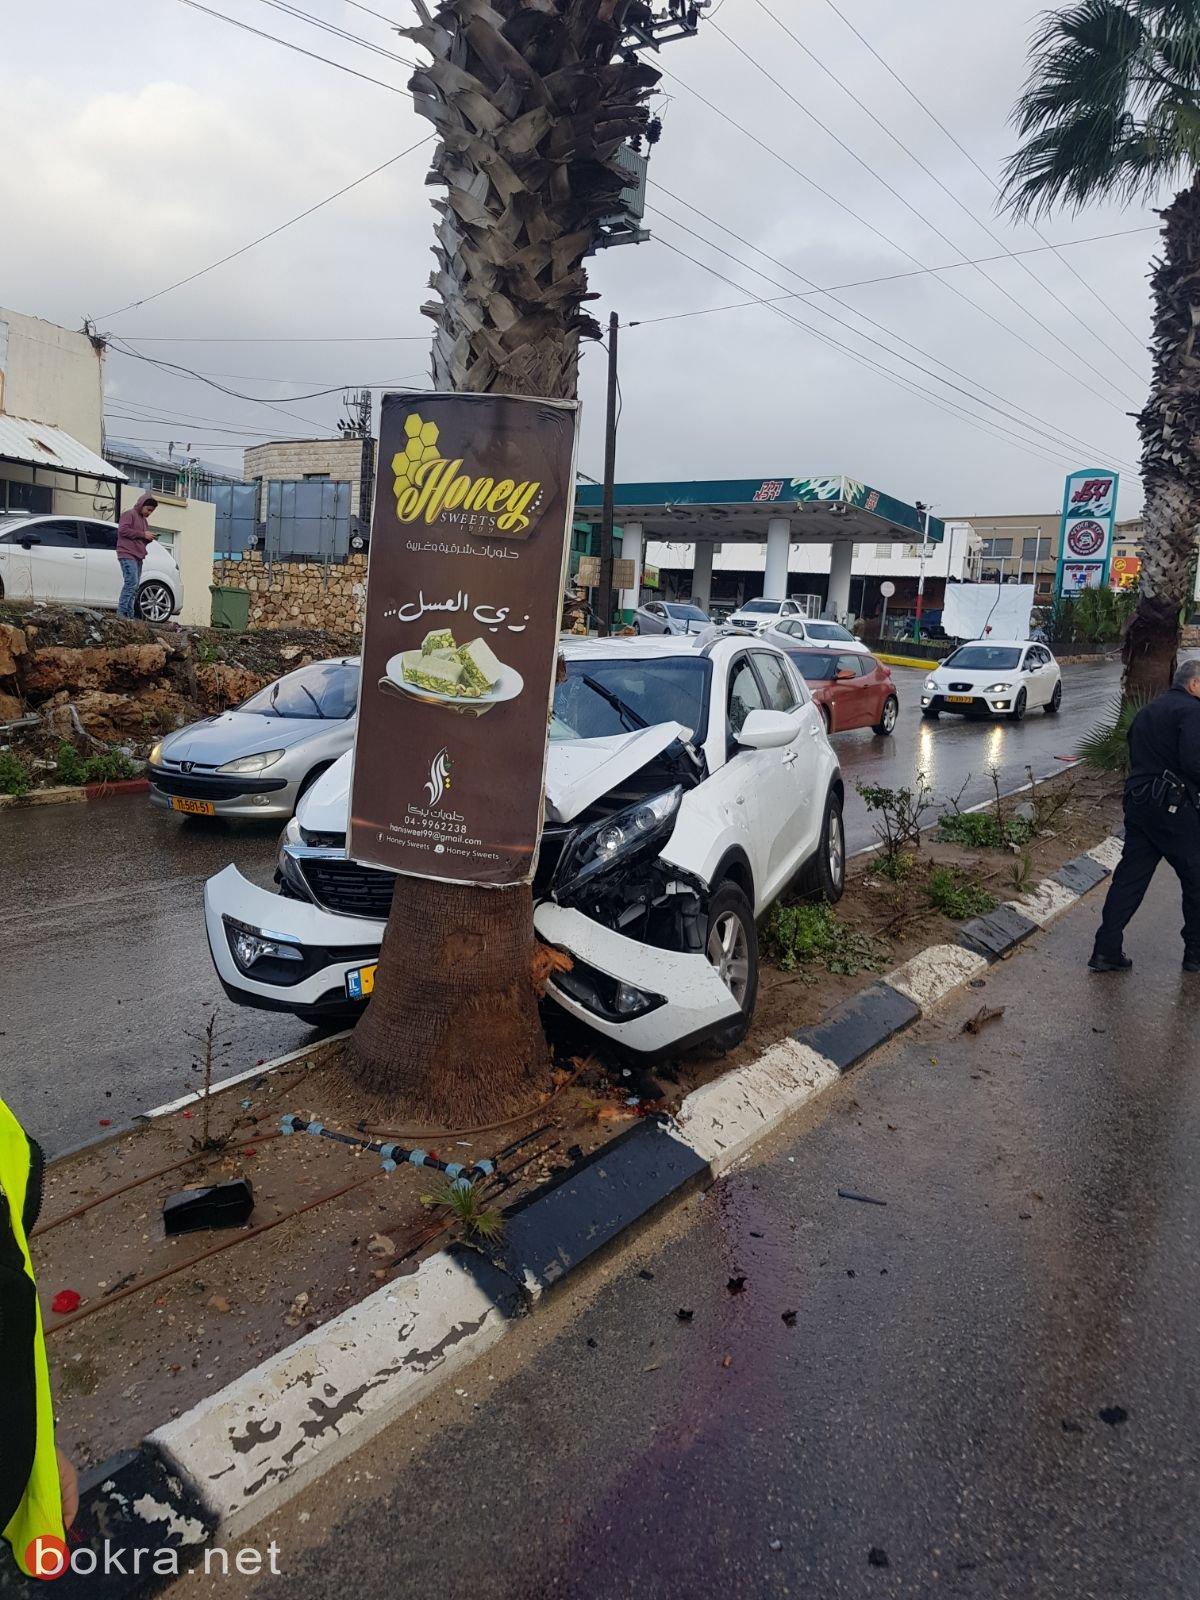 اصابة متوسطة في حادث طرق بالقرب من يركا